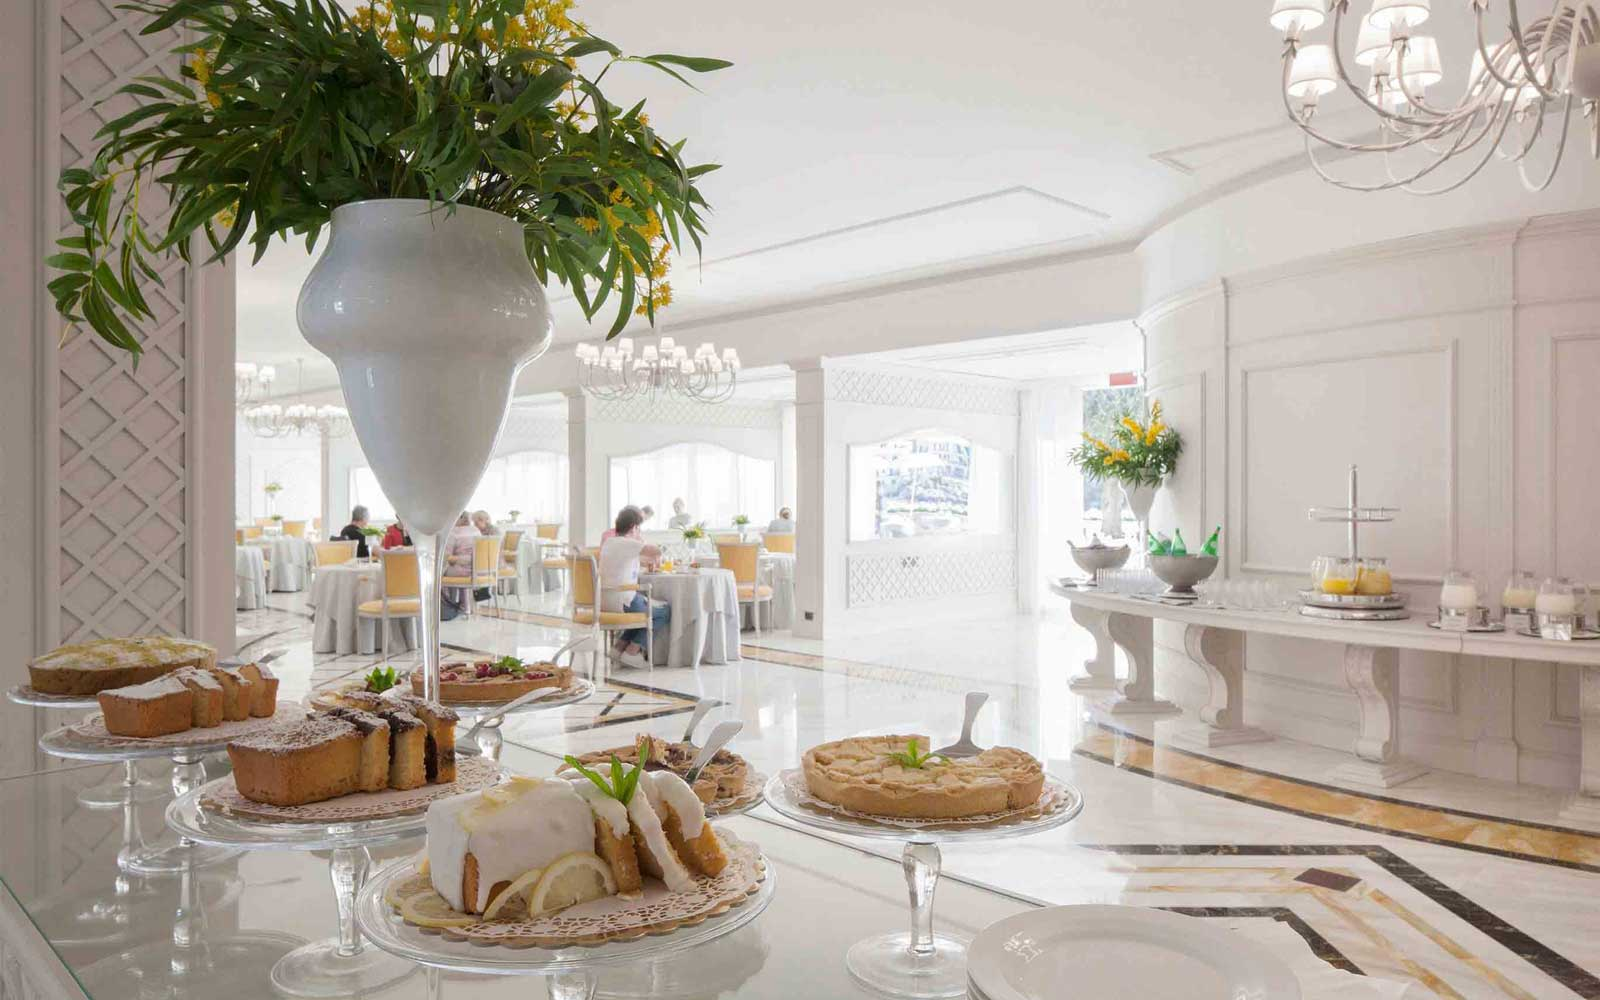 Breakfast at Grand Hotel Mazzaro Sea Palace